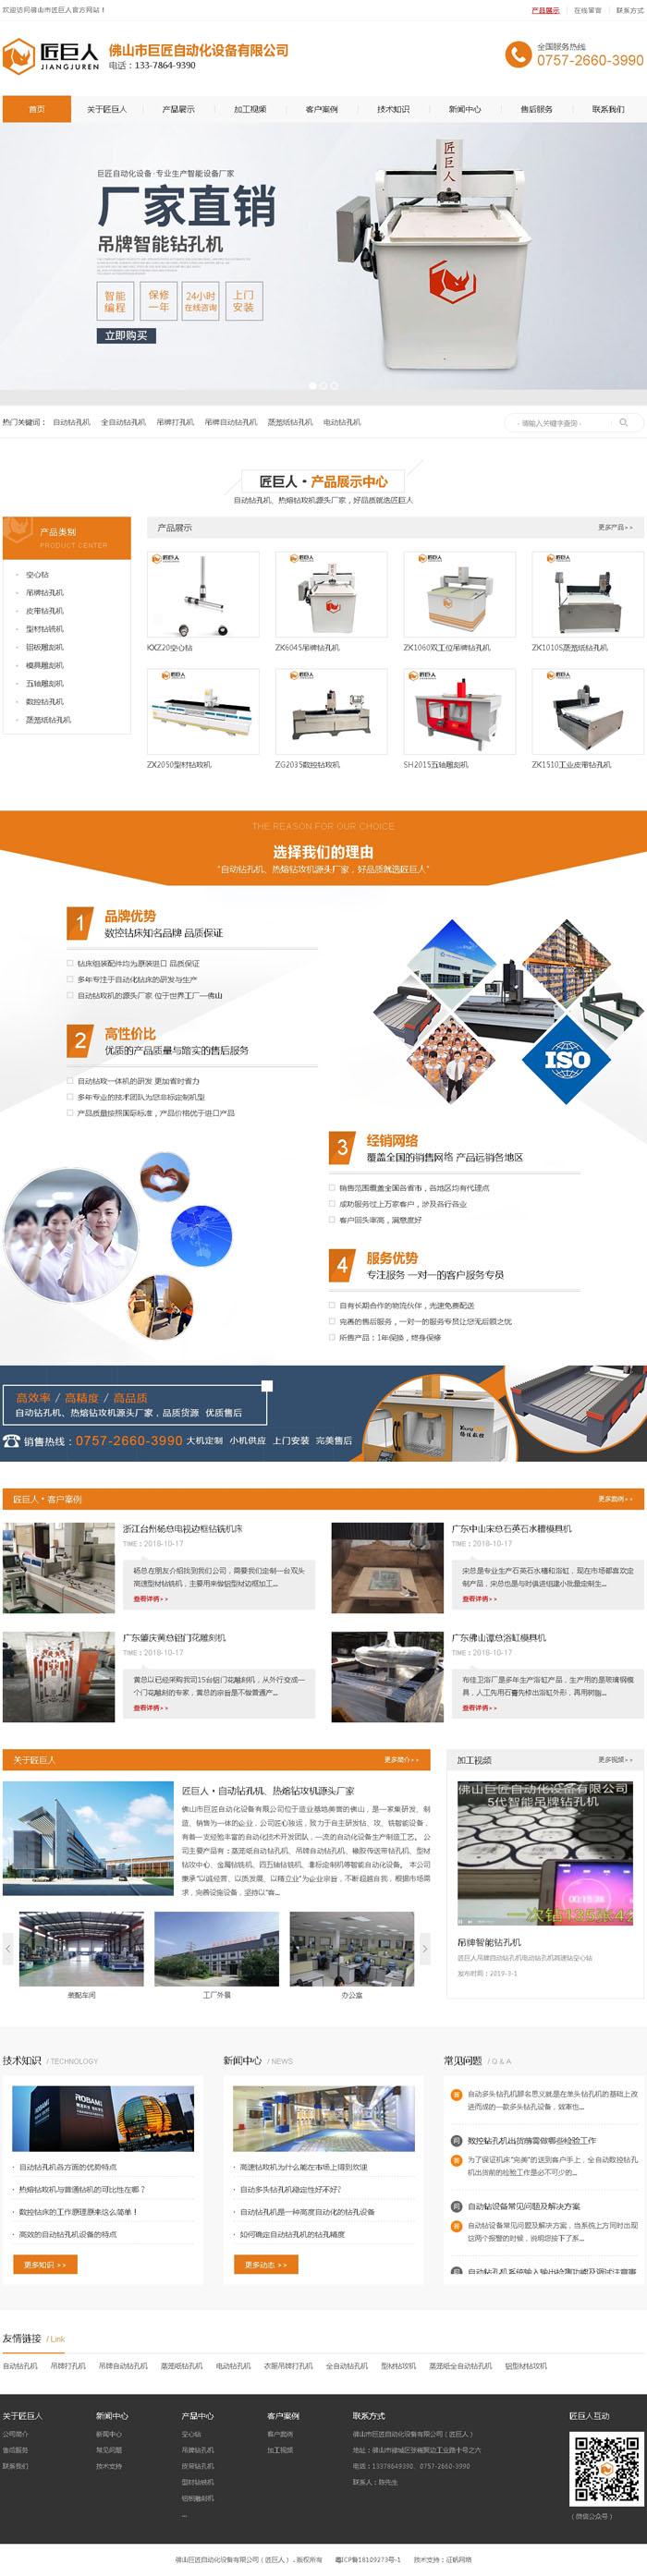 佛山市巨匠自动化设备有限公司网站效果图